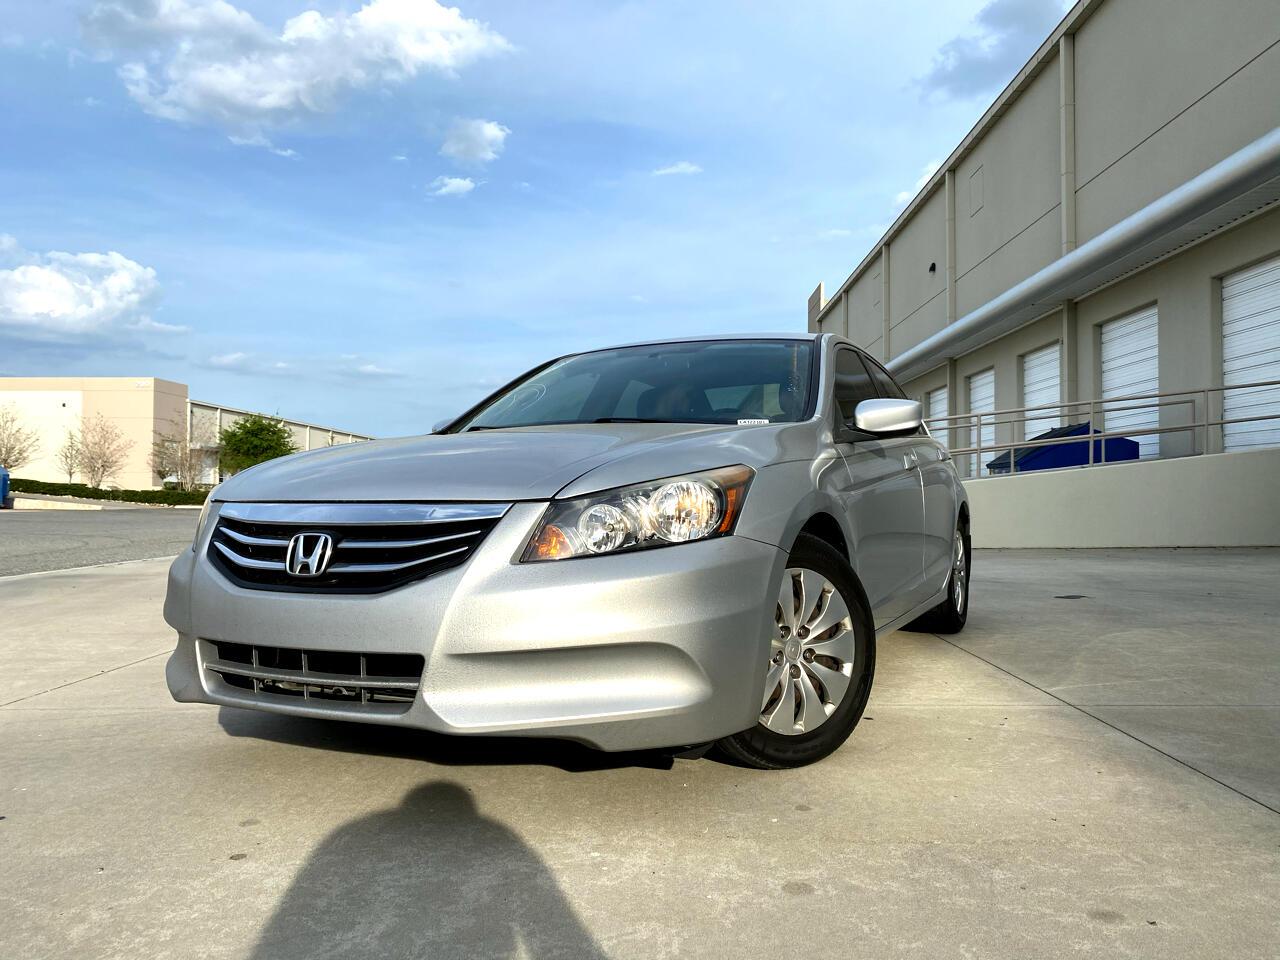 Honda Accord 4dr I4 Auto LX 2012